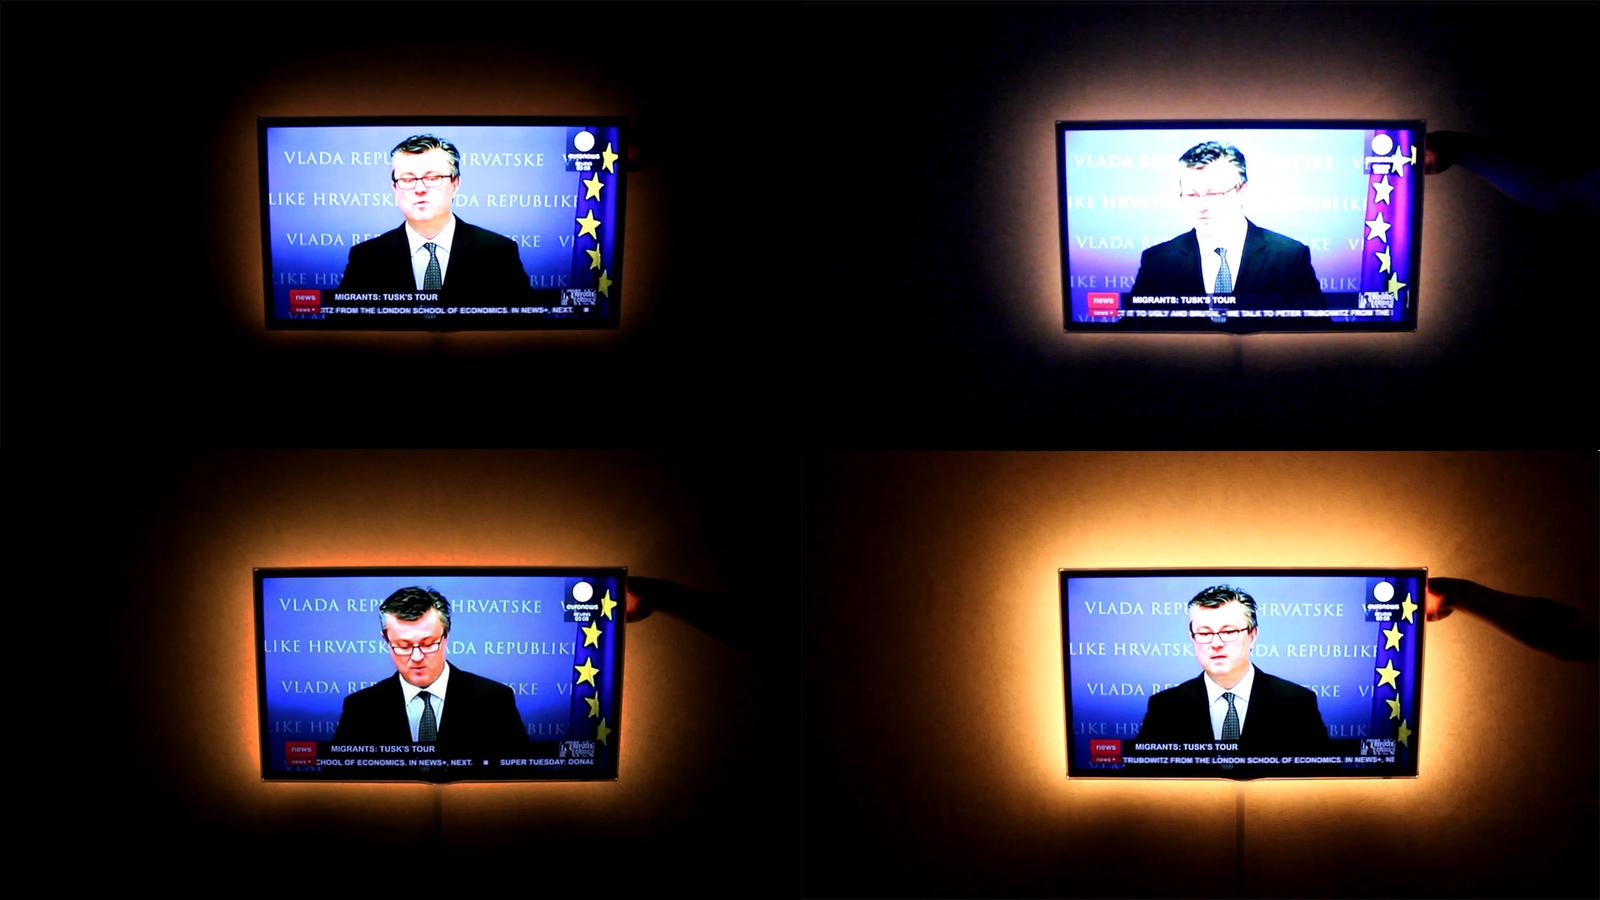 Как сделать своими руками подсветку для телевизора